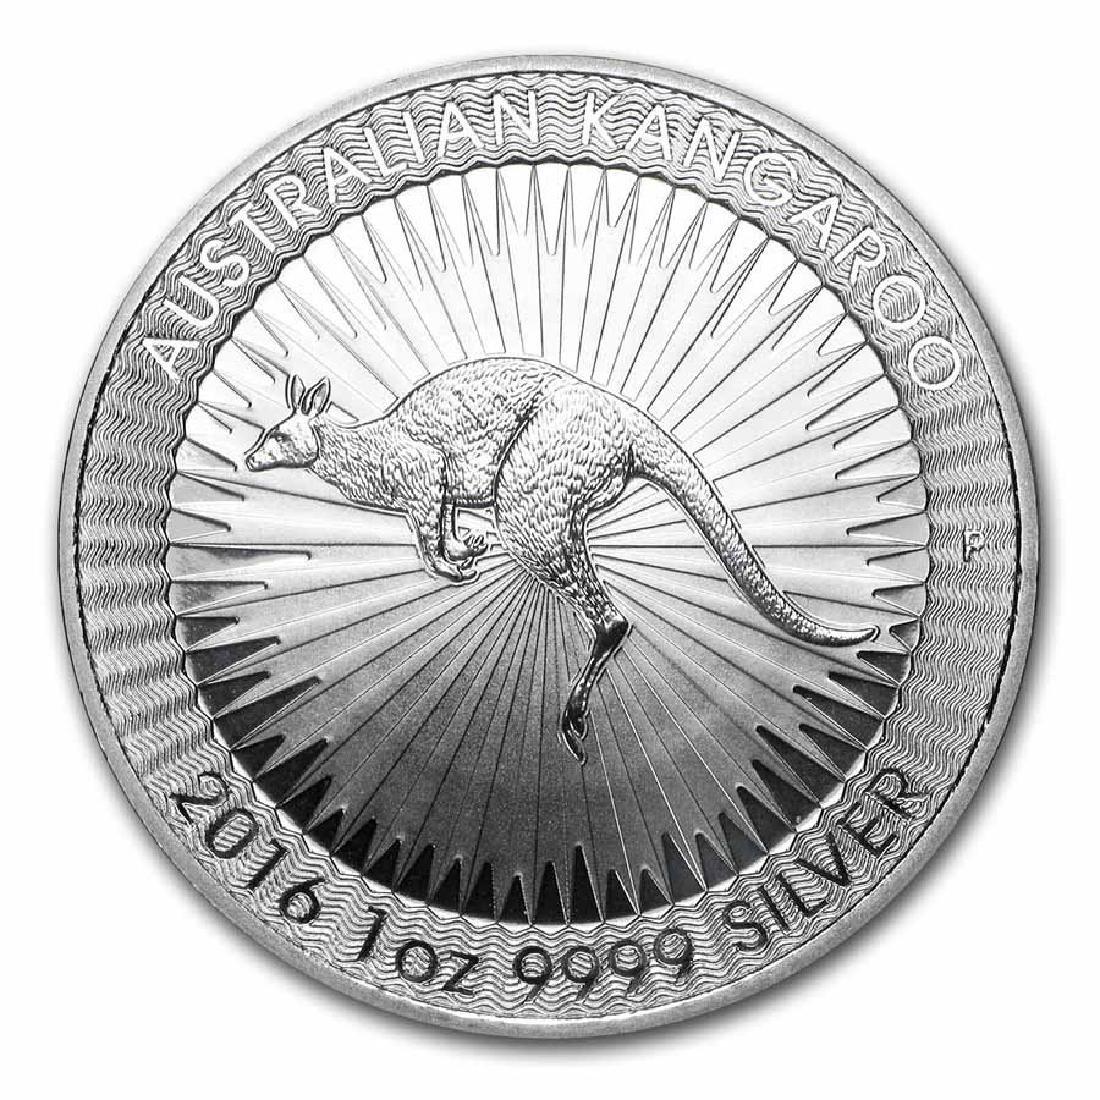 2016 Australia 1 oz Silver Kangaroo BU